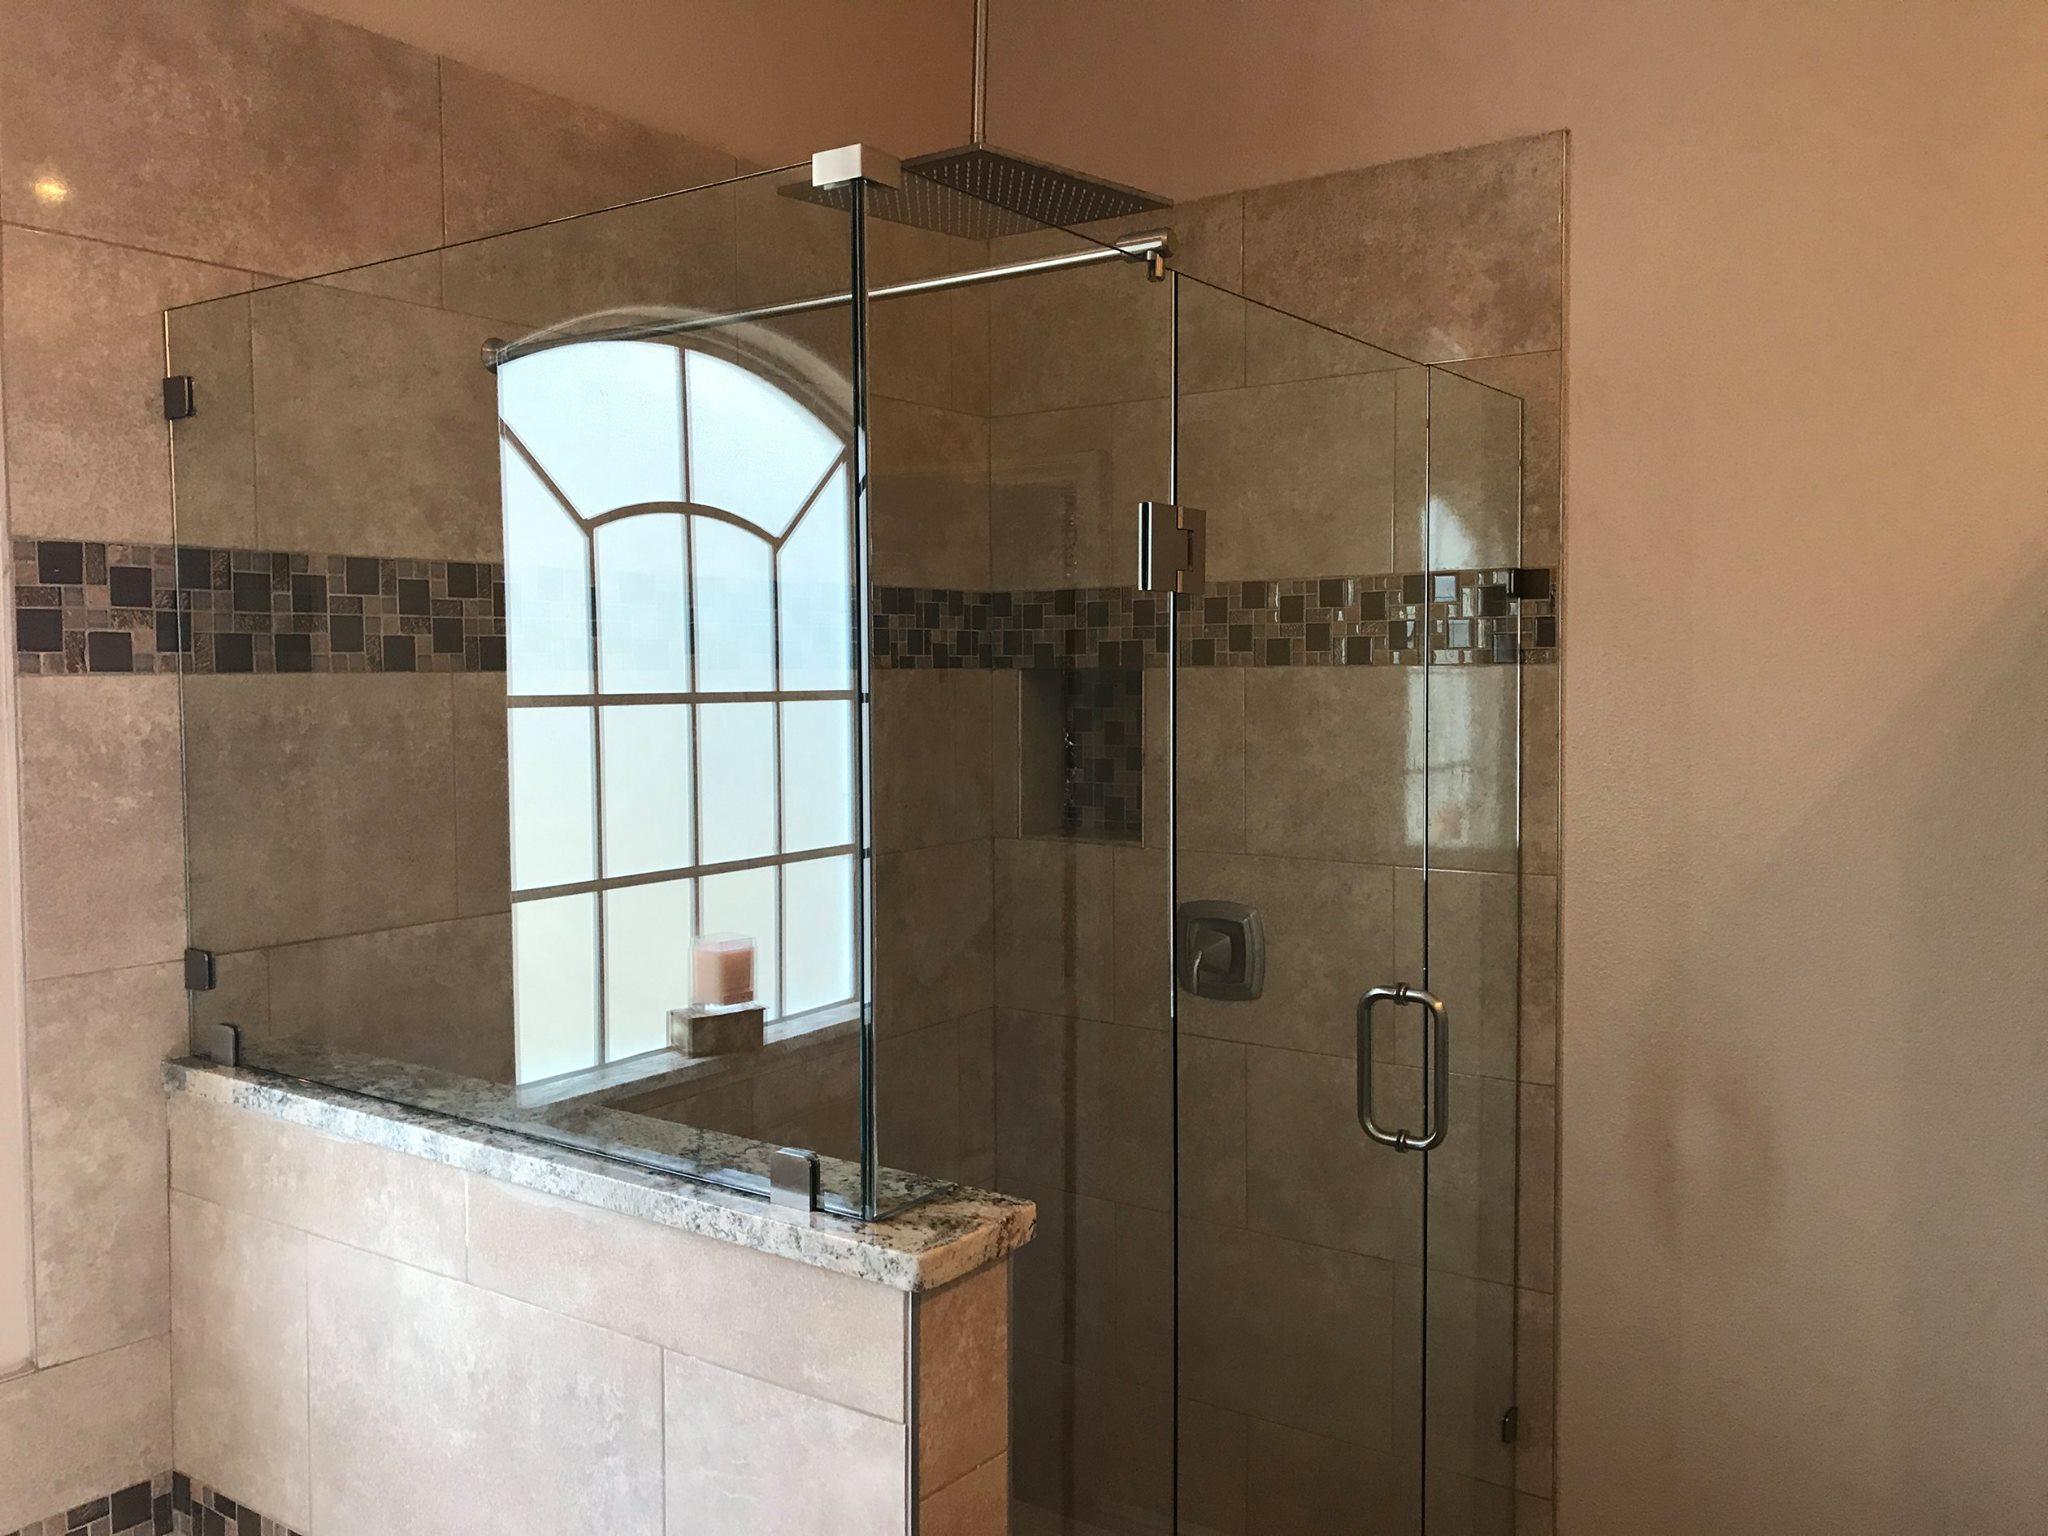 Shower enclosure glass door 5